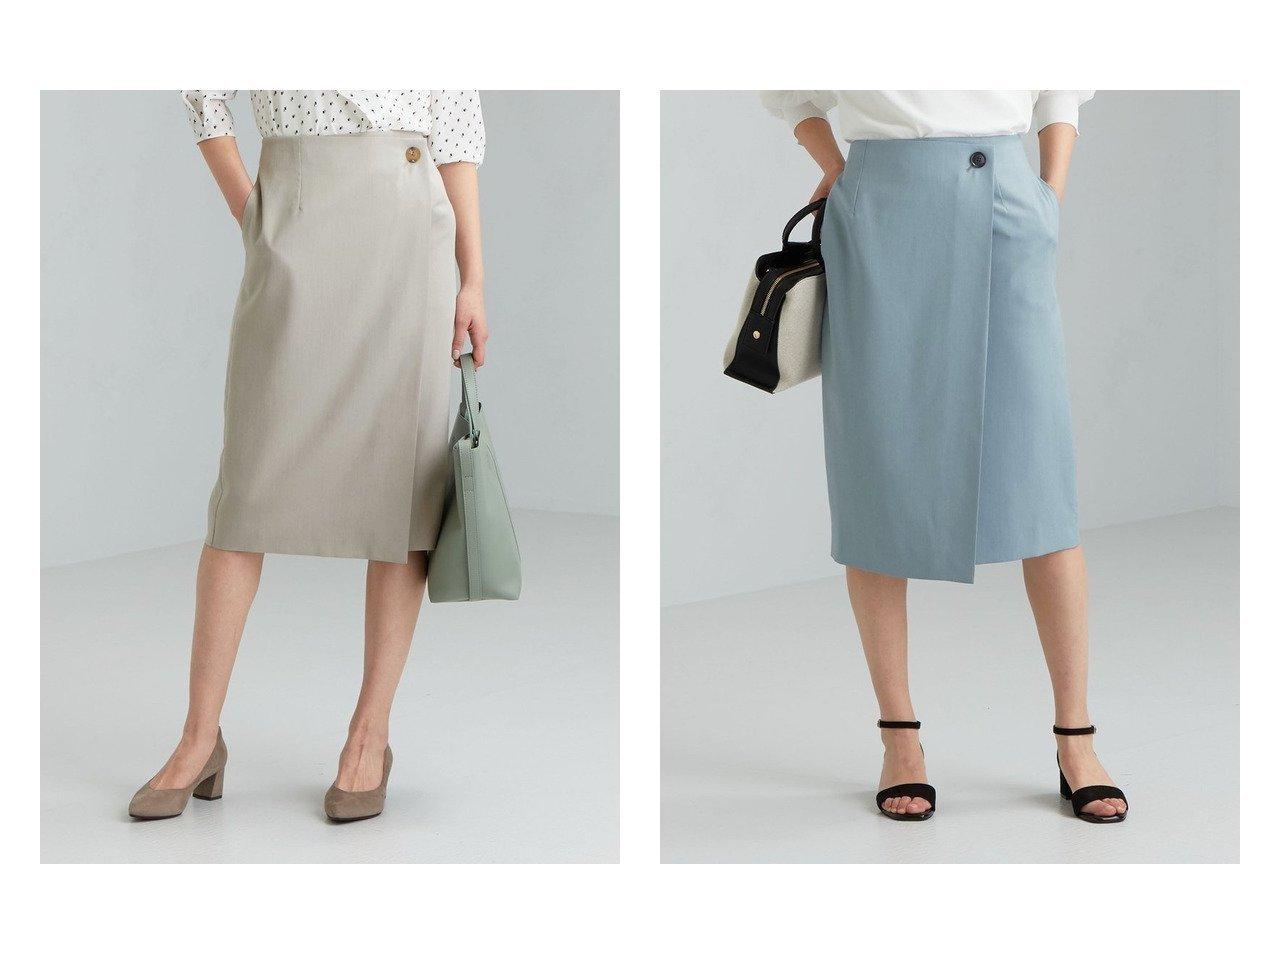 【green label relaxing / UNITED ARROWS/グリーンレーベル リラクシング / ユナイテッドアローズ】のCB TR ラップ風 タイト スカート 【スカート】おすすめ!人気、トレンド・レディースファッションの通販 おすすめで人気の流行・トレンド、ファッションの通販商品 インテリア・家具・メンズファッション・キッズファッション・レディースファッション・服の通販 founy(ファニー) https://founy.com/ ファッション Fashion レディースファッション WOMEN スカート Skirt おすすめ Recommend タイトスカート フェミニン ラップ 春 Spring |ID:crp329100000045118